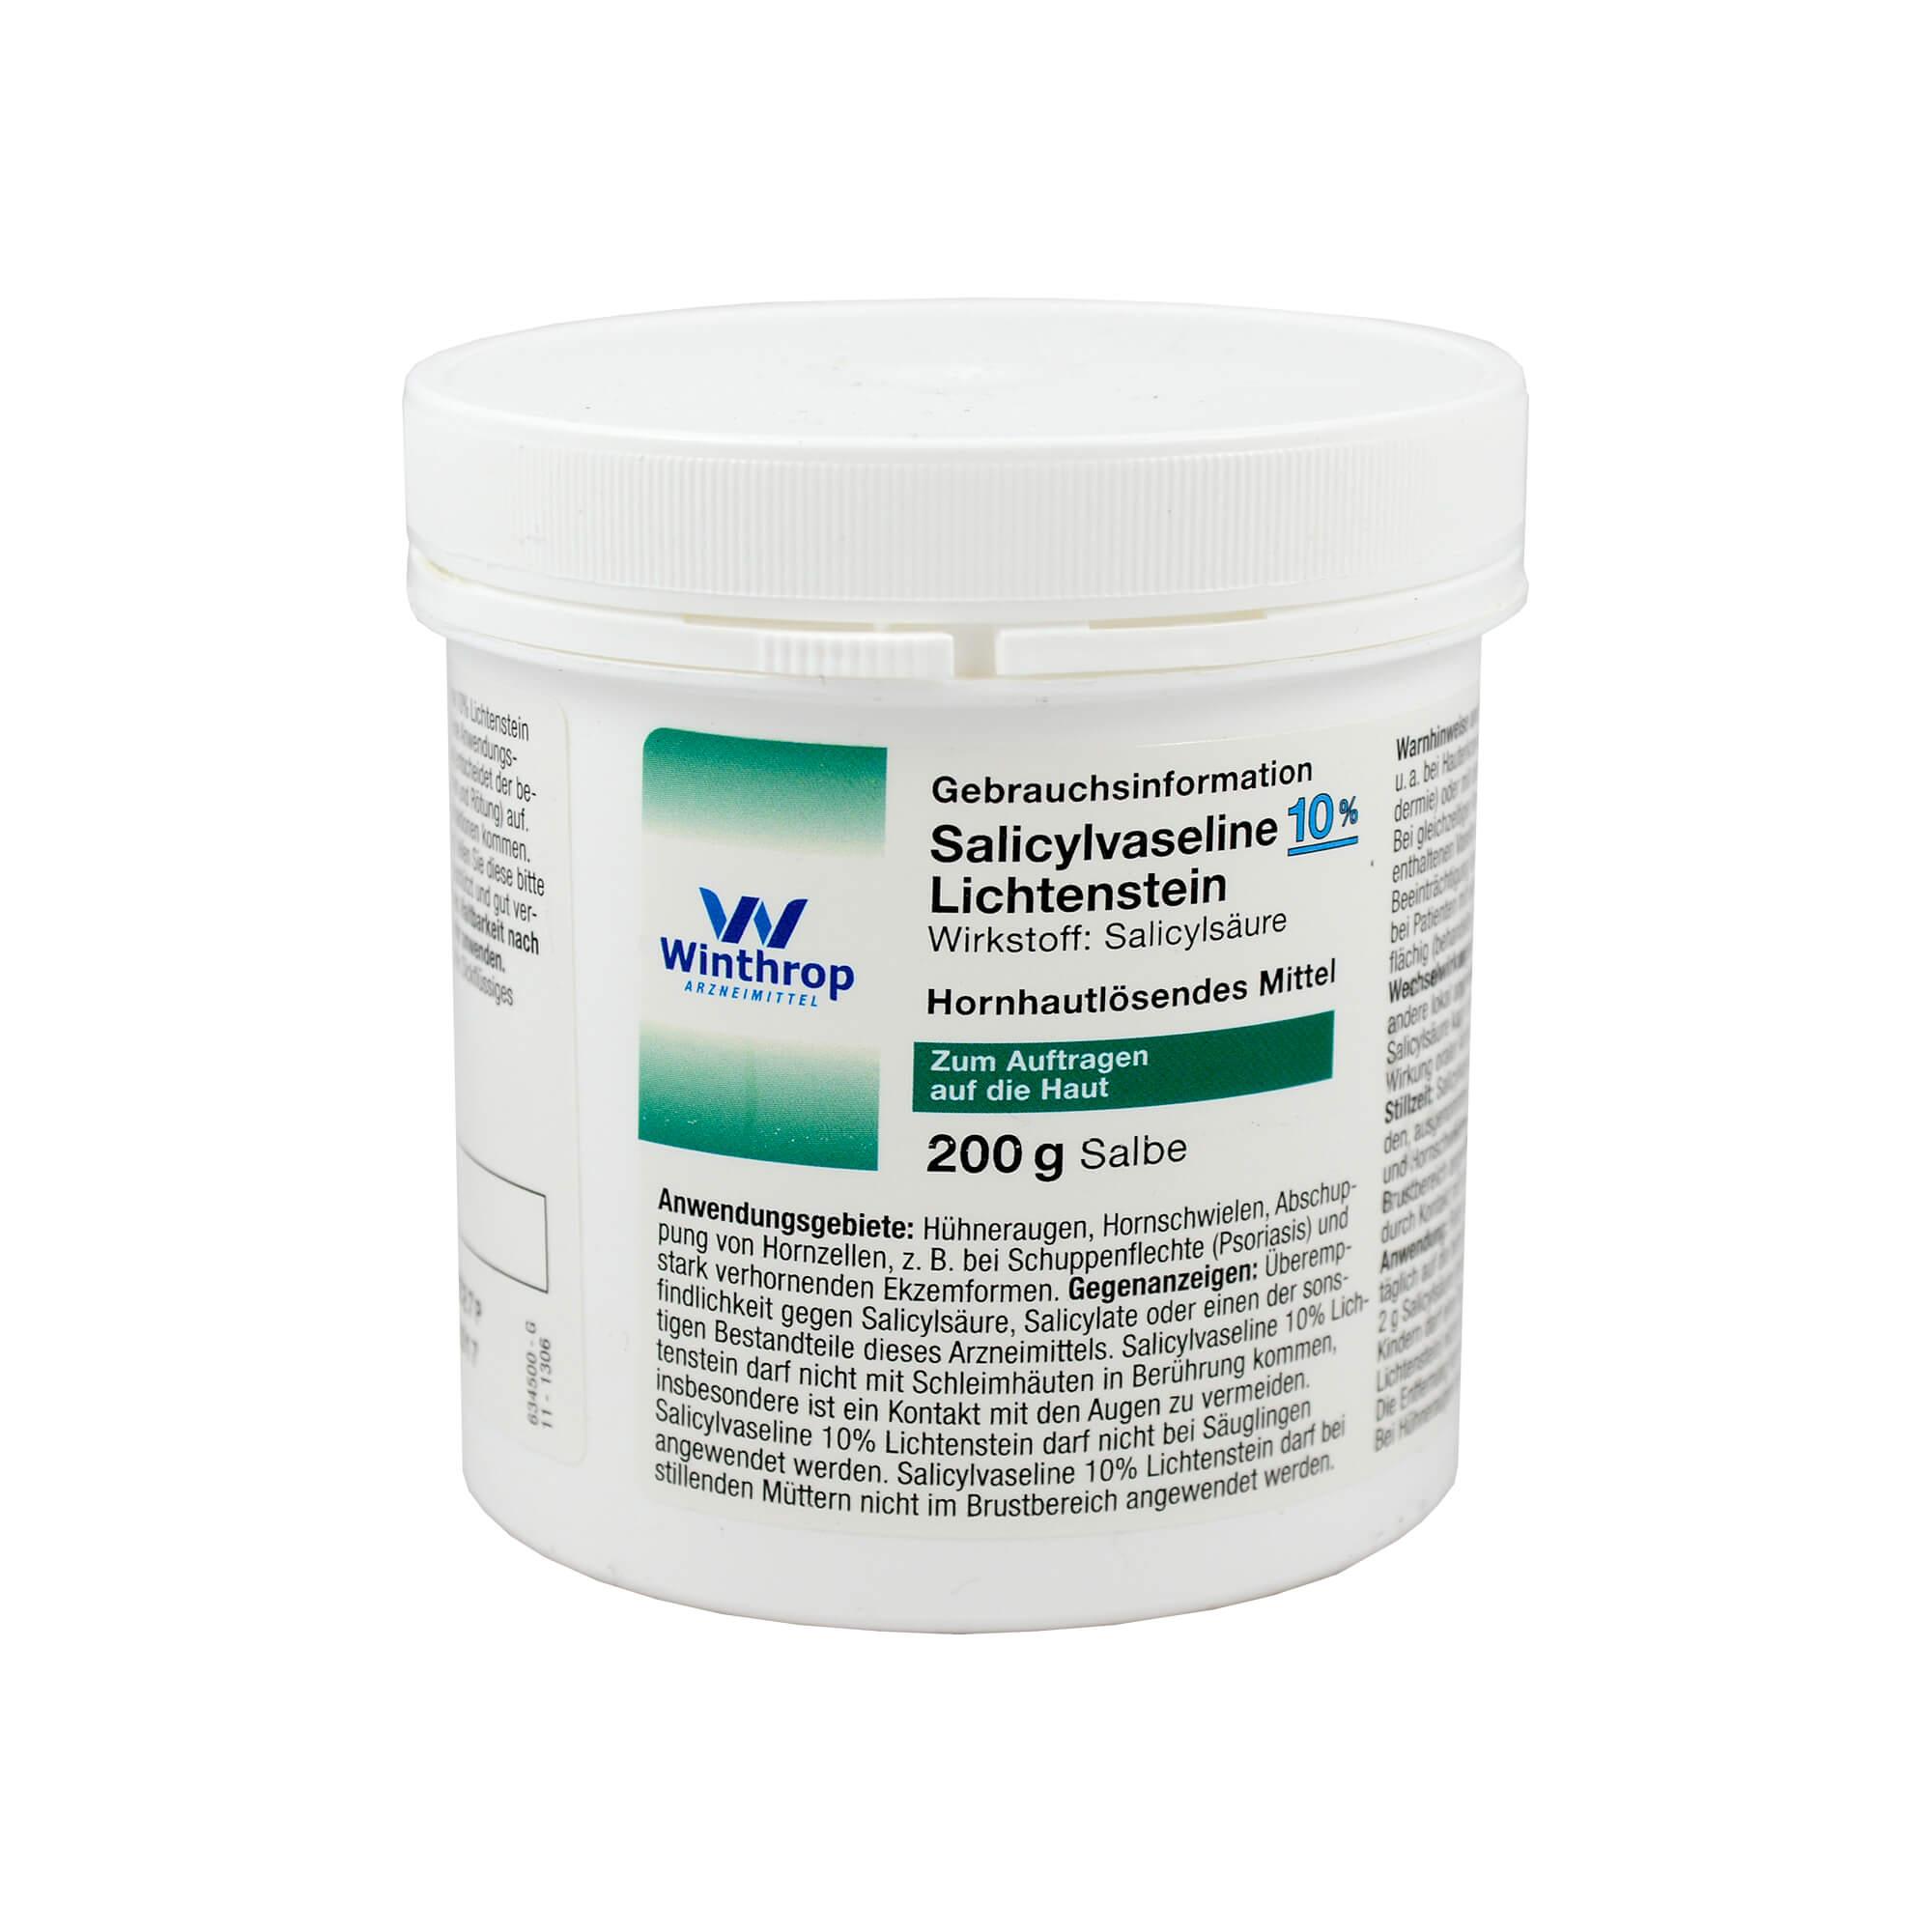 Salicylsäurevaseline Lichtenstein 10%